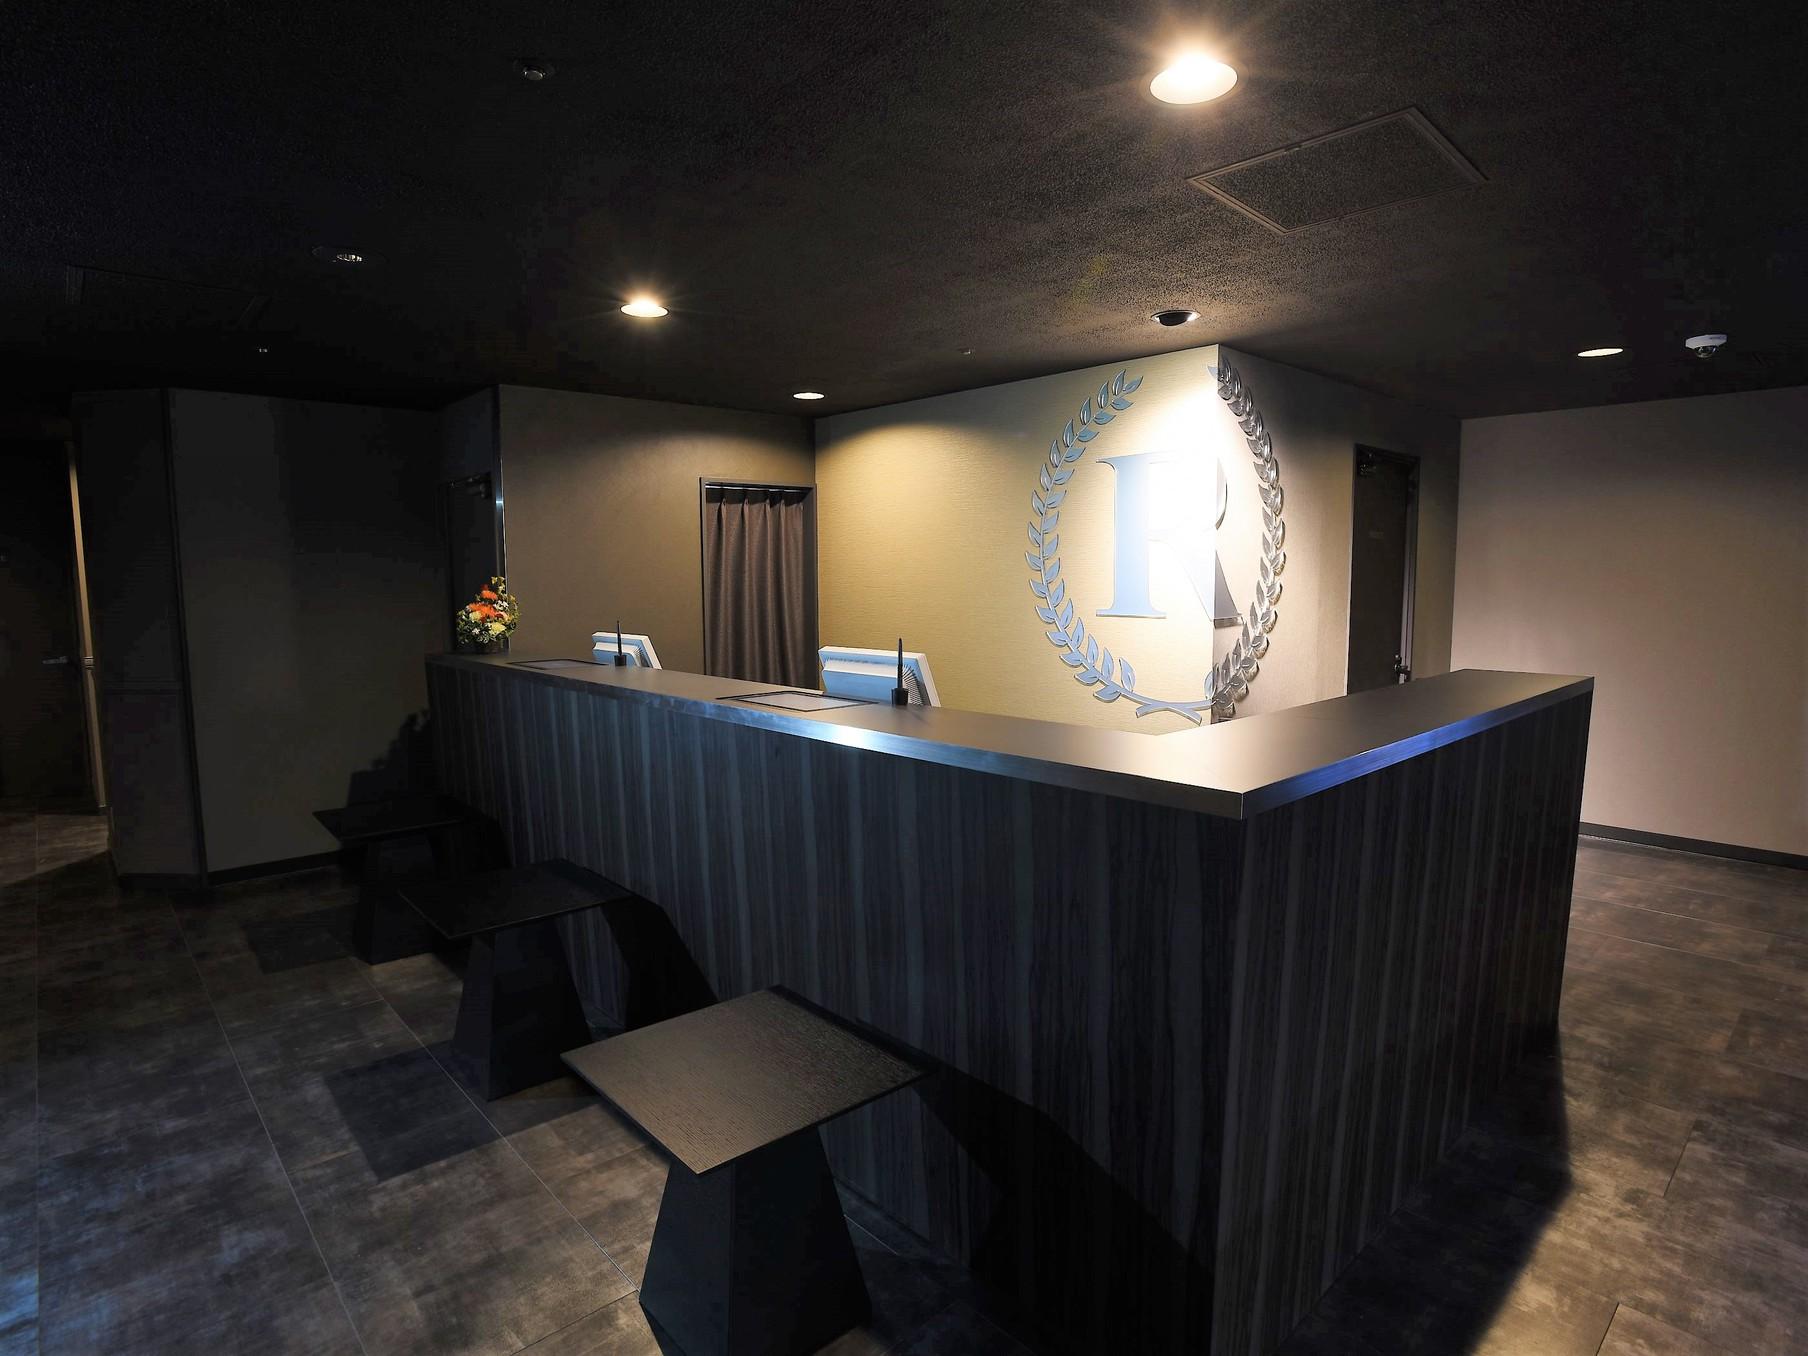 シックな雰囲気のフロントでお客様をお待ちしております?